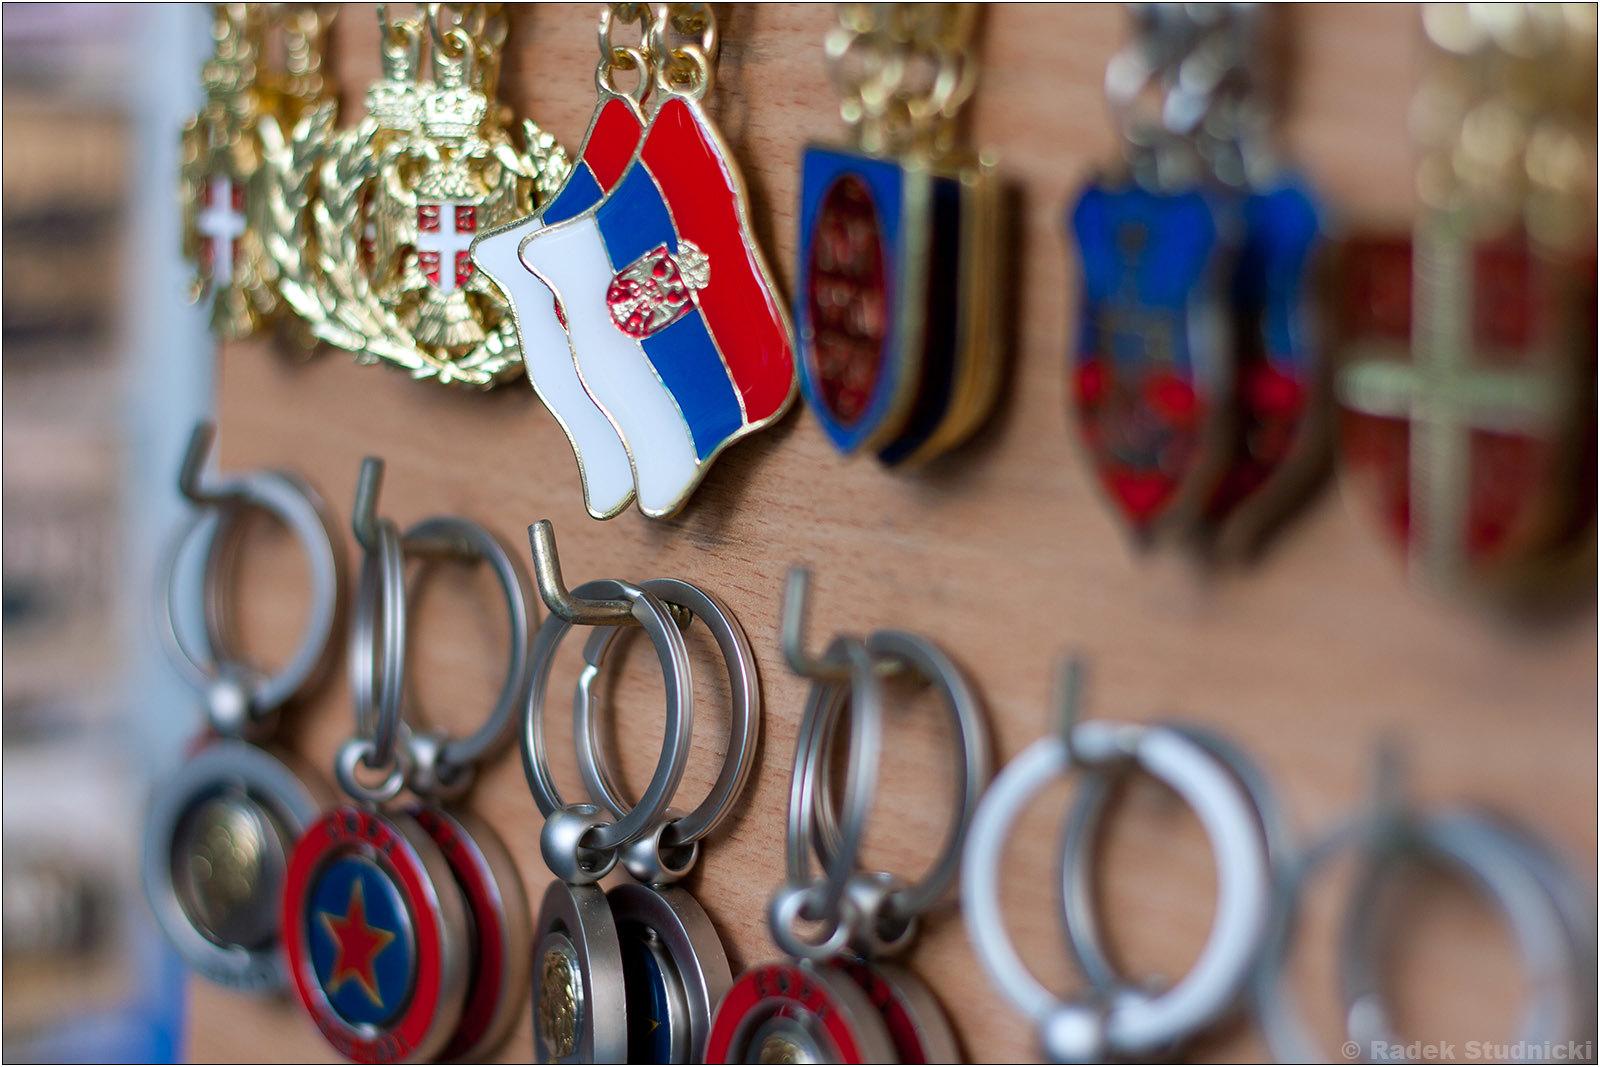 Pamiatki z Serbii